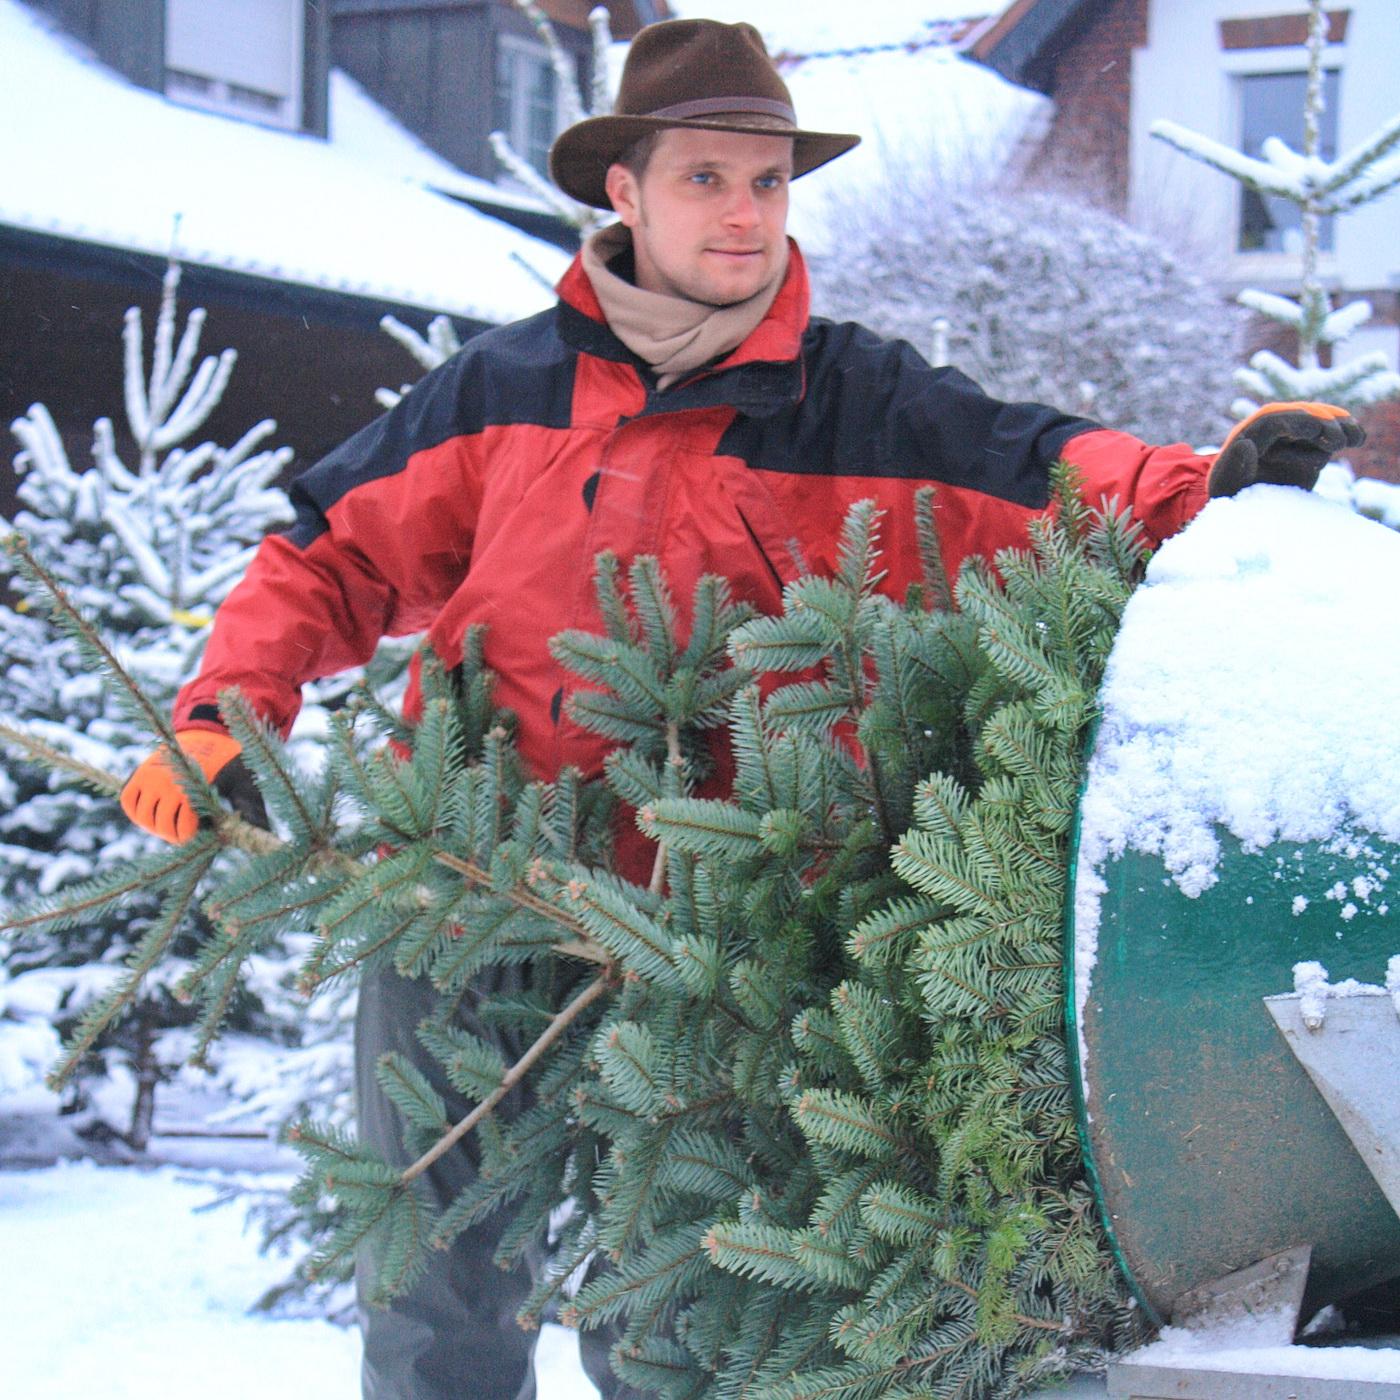 Wir arbeiten das ganze Jahr für schöne Weihnachtsbäume